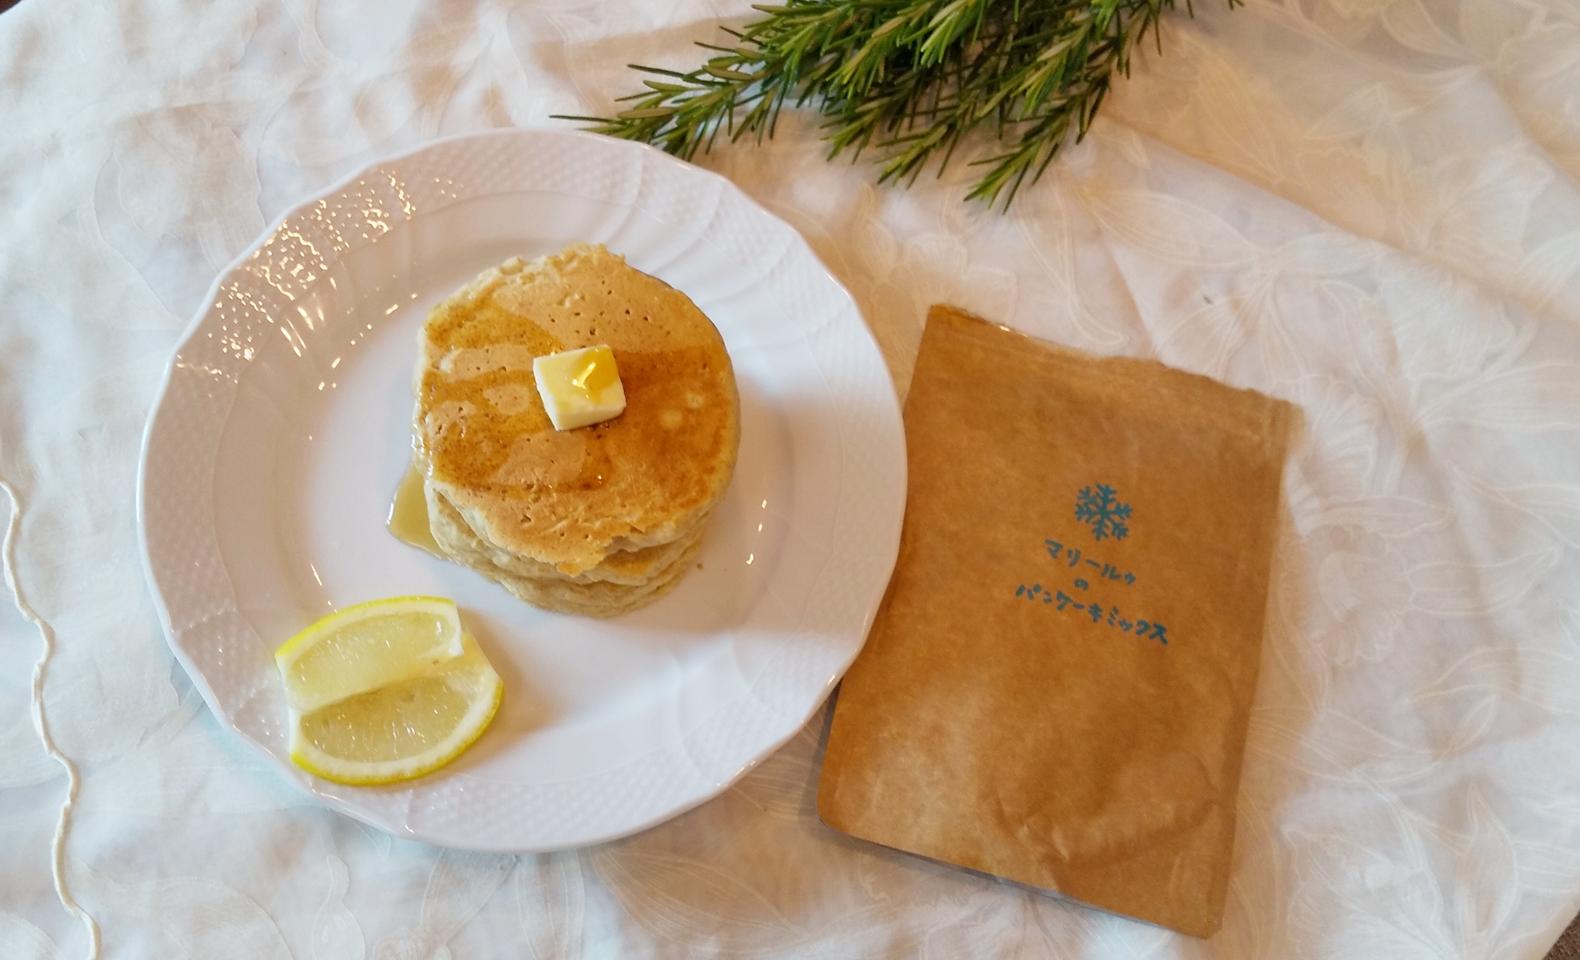 《おうちカフェ》卵も牛乳も不使用!マリールゥのパンケーキミックスで、幸せおうち時間_1